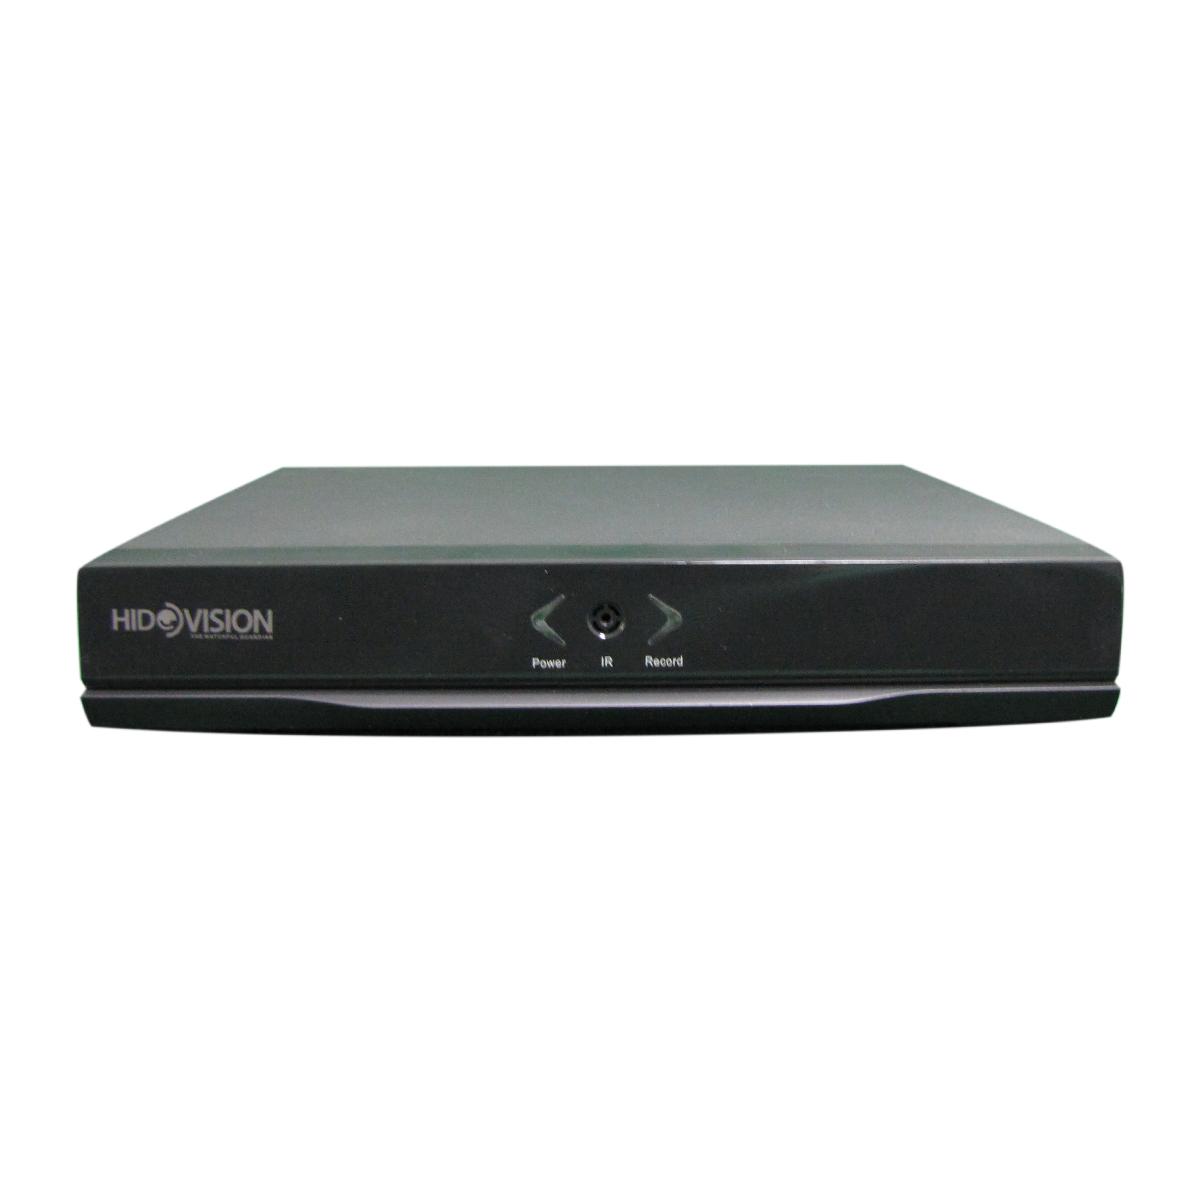 ضبط کننده ویدیویی هایدويژن مدل 1104LH